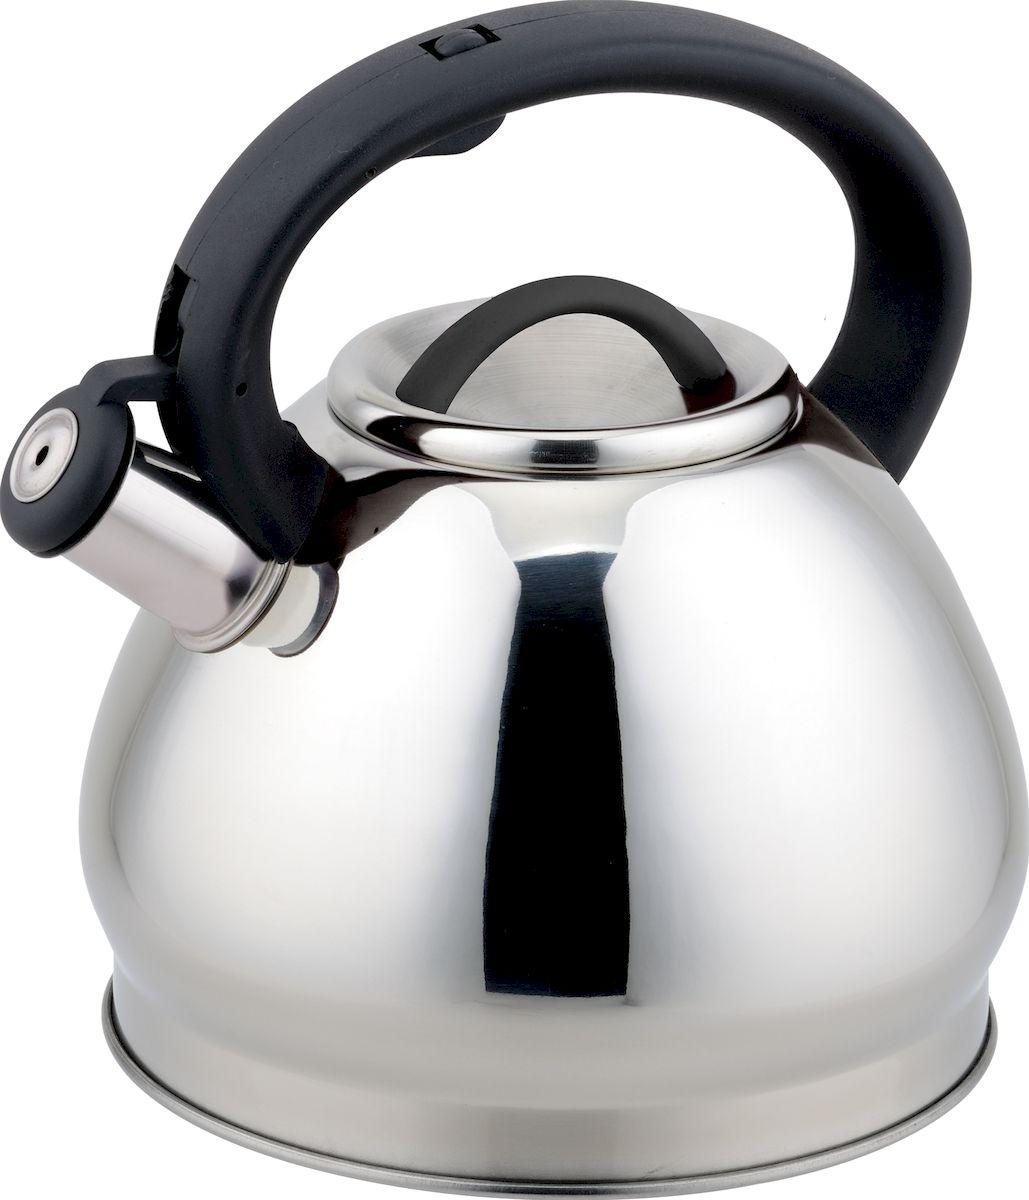 Чайник Rainstahl, 7627-30RS\WK, серебристый, 3 л чайник rainstahl со свистком цвет белый 3 л 7540 30rs wk